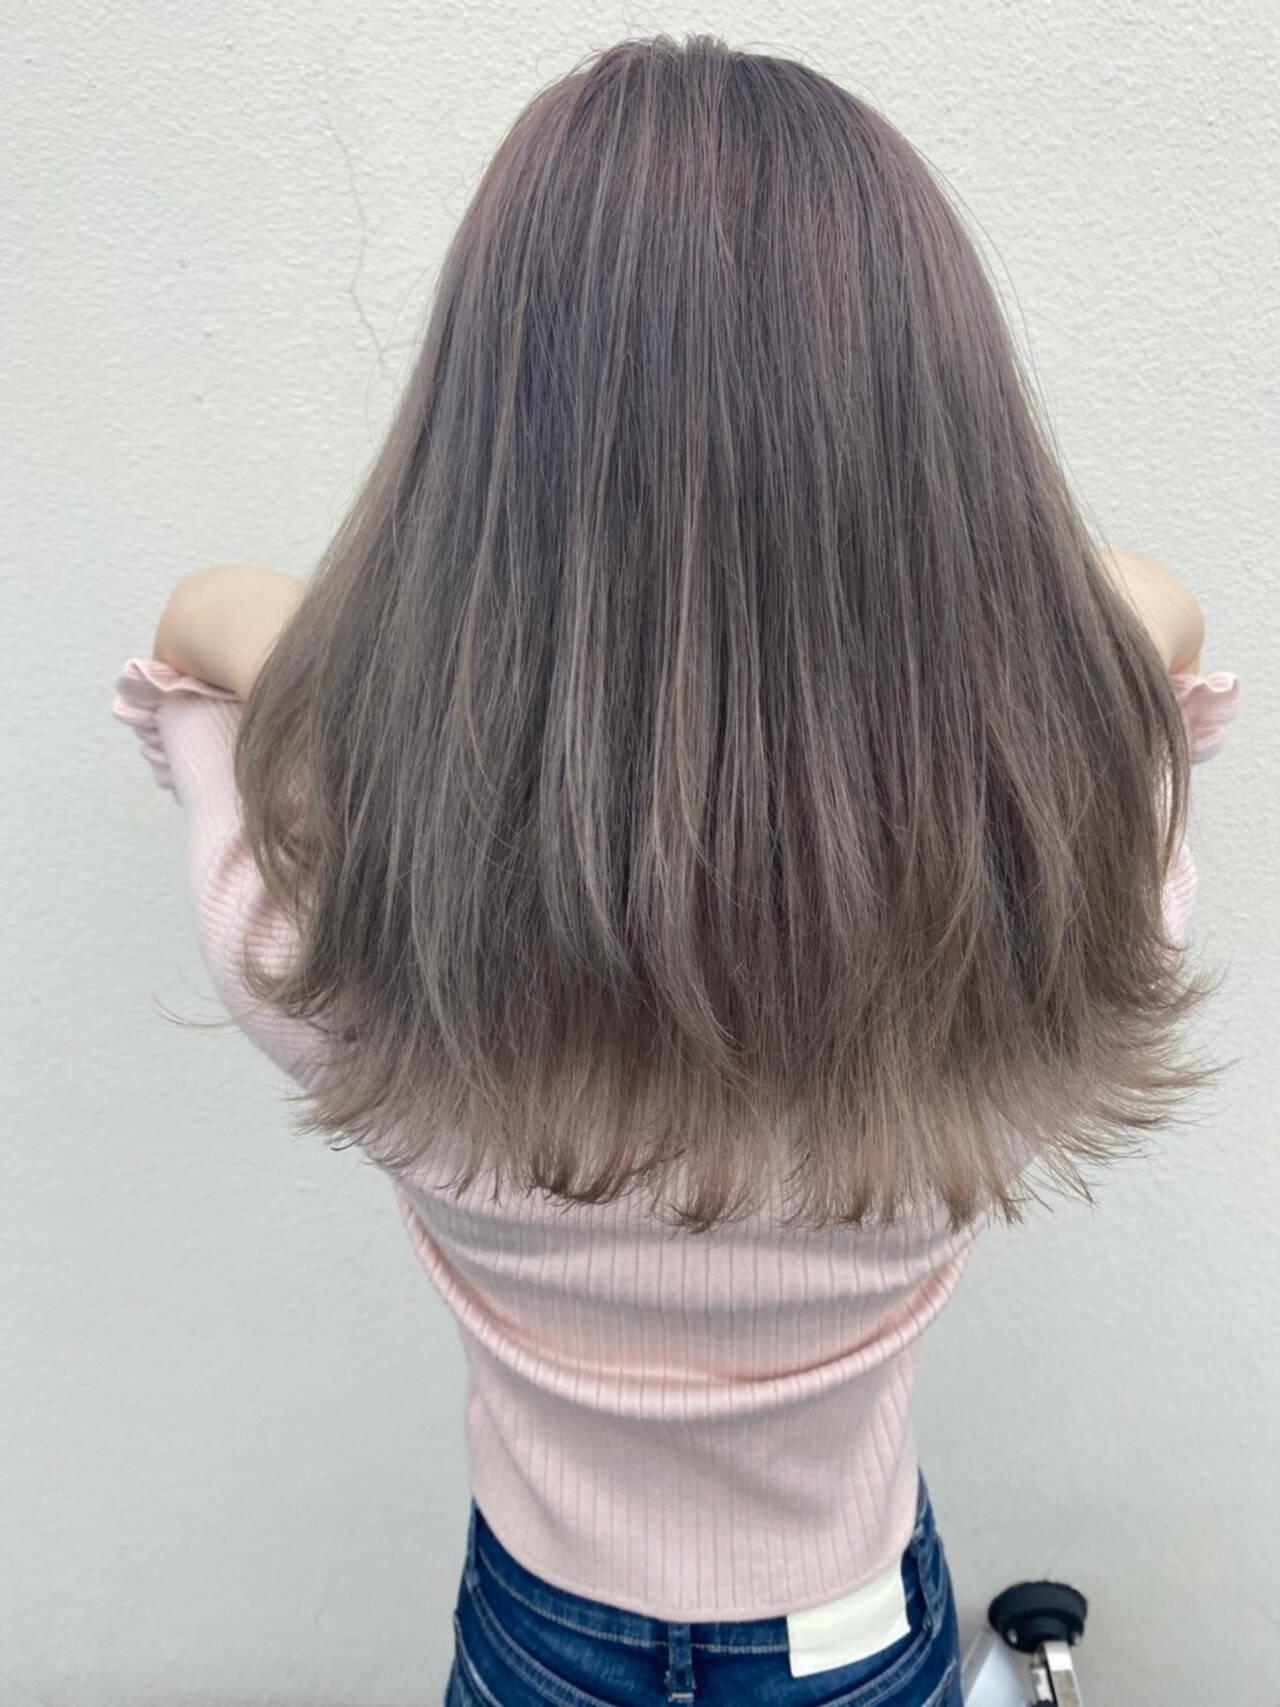 ミルクティー セミロング 鎖骨ミディアム ミルクティーベージュヘアスタイルや髪型の写真・画像